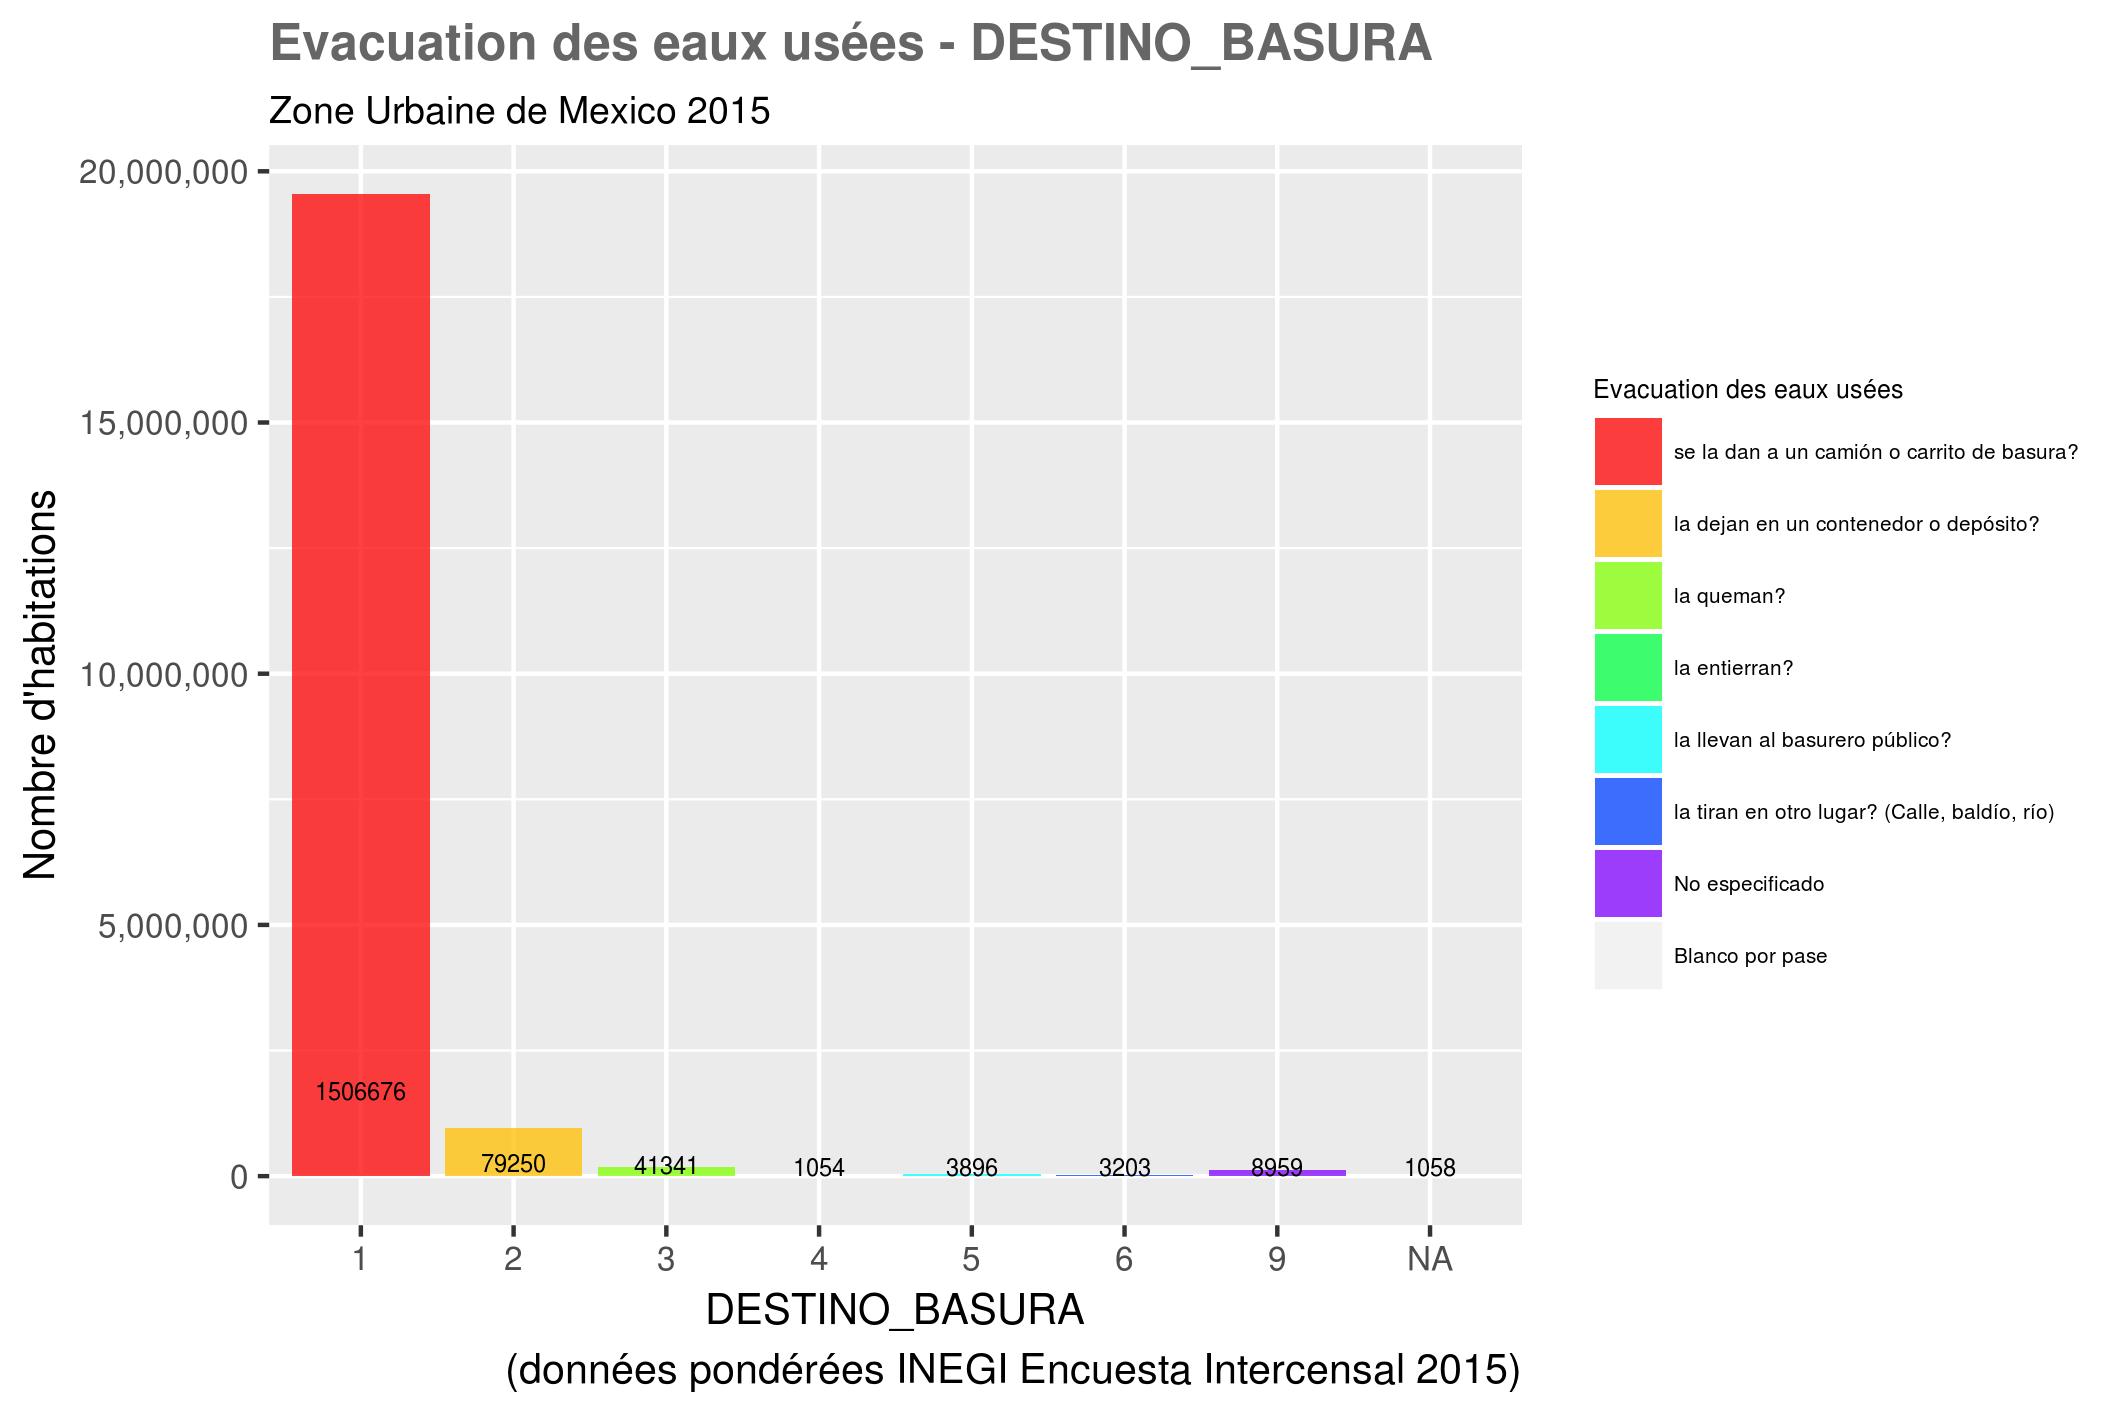 docs/images/distri_variables/DESTINO_BASURA.png